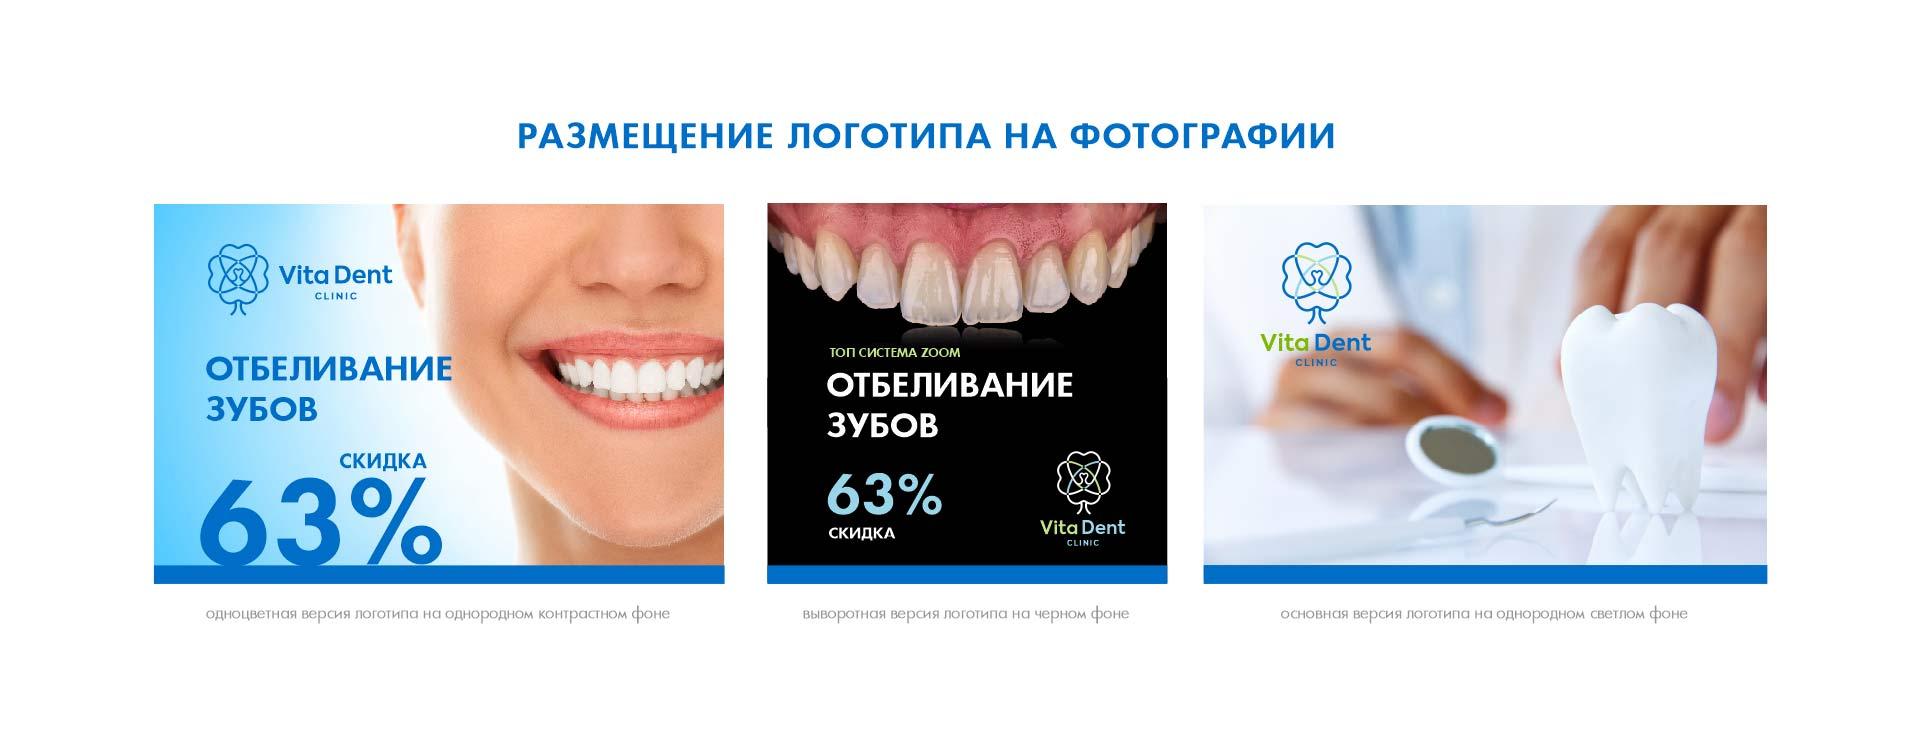 логотип для стоматологической клиники